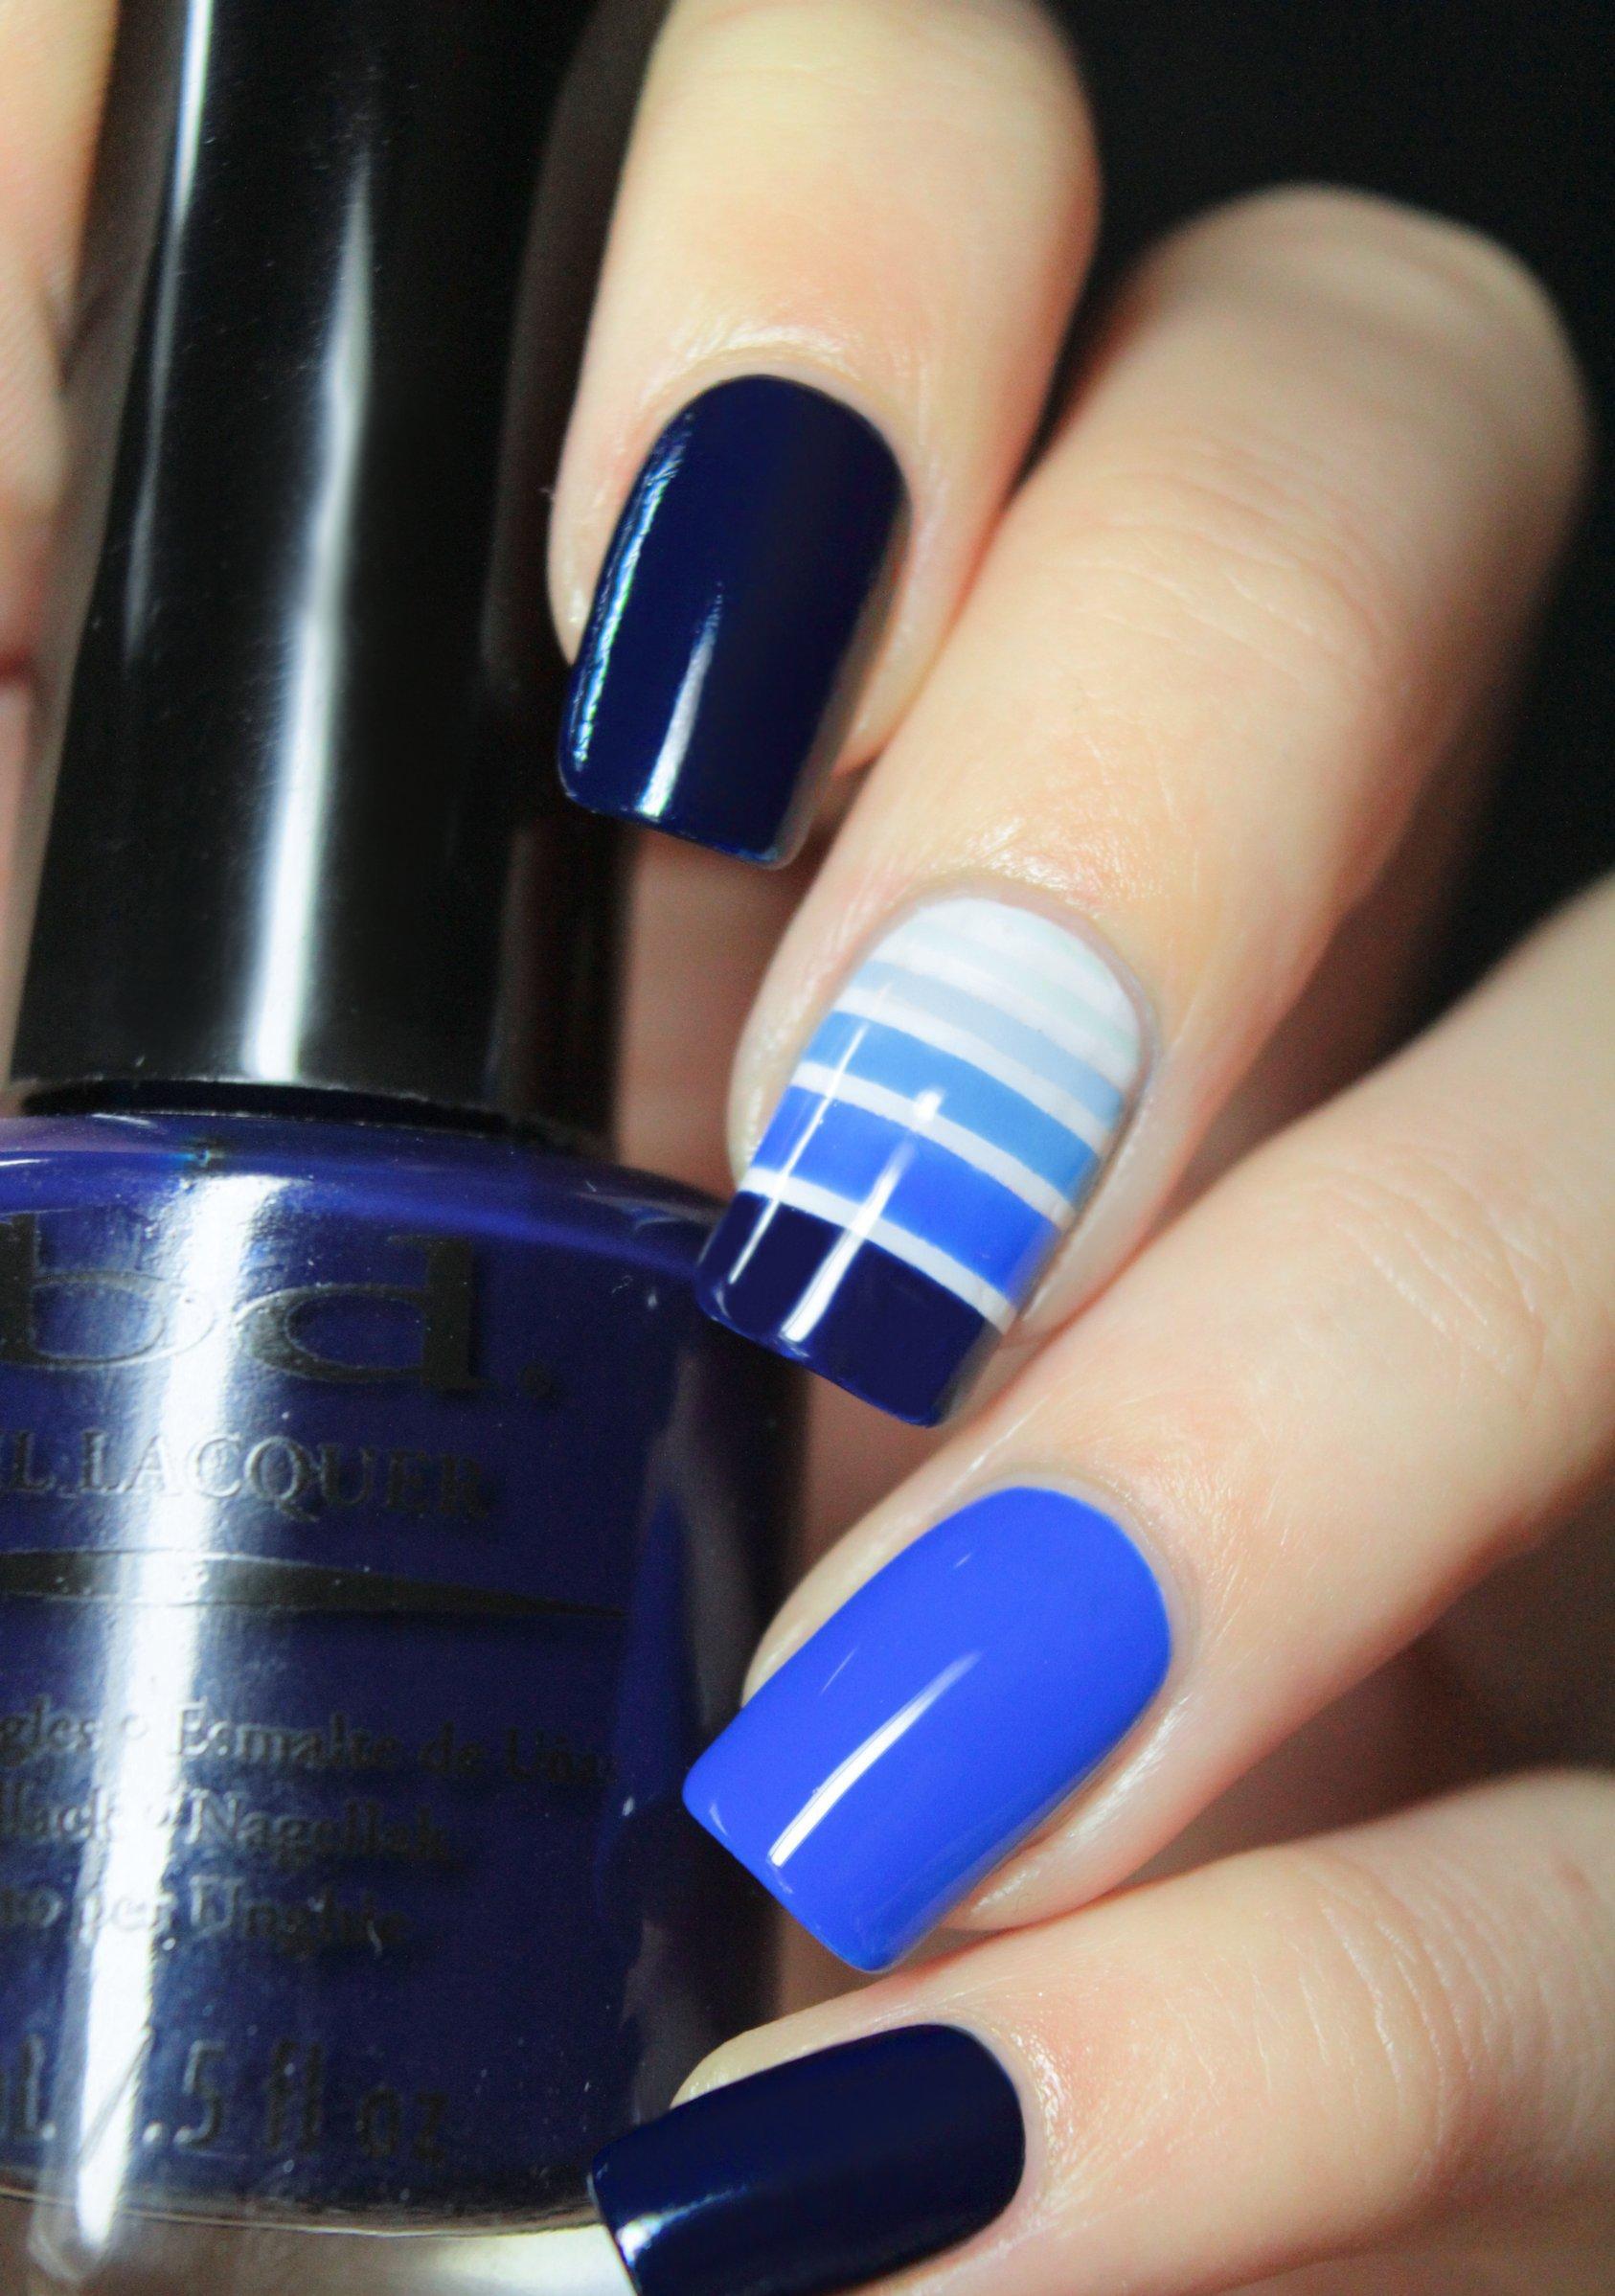 Dise os para decorar tus u as con tonalidades de color azul - Fotografias para decorar ...